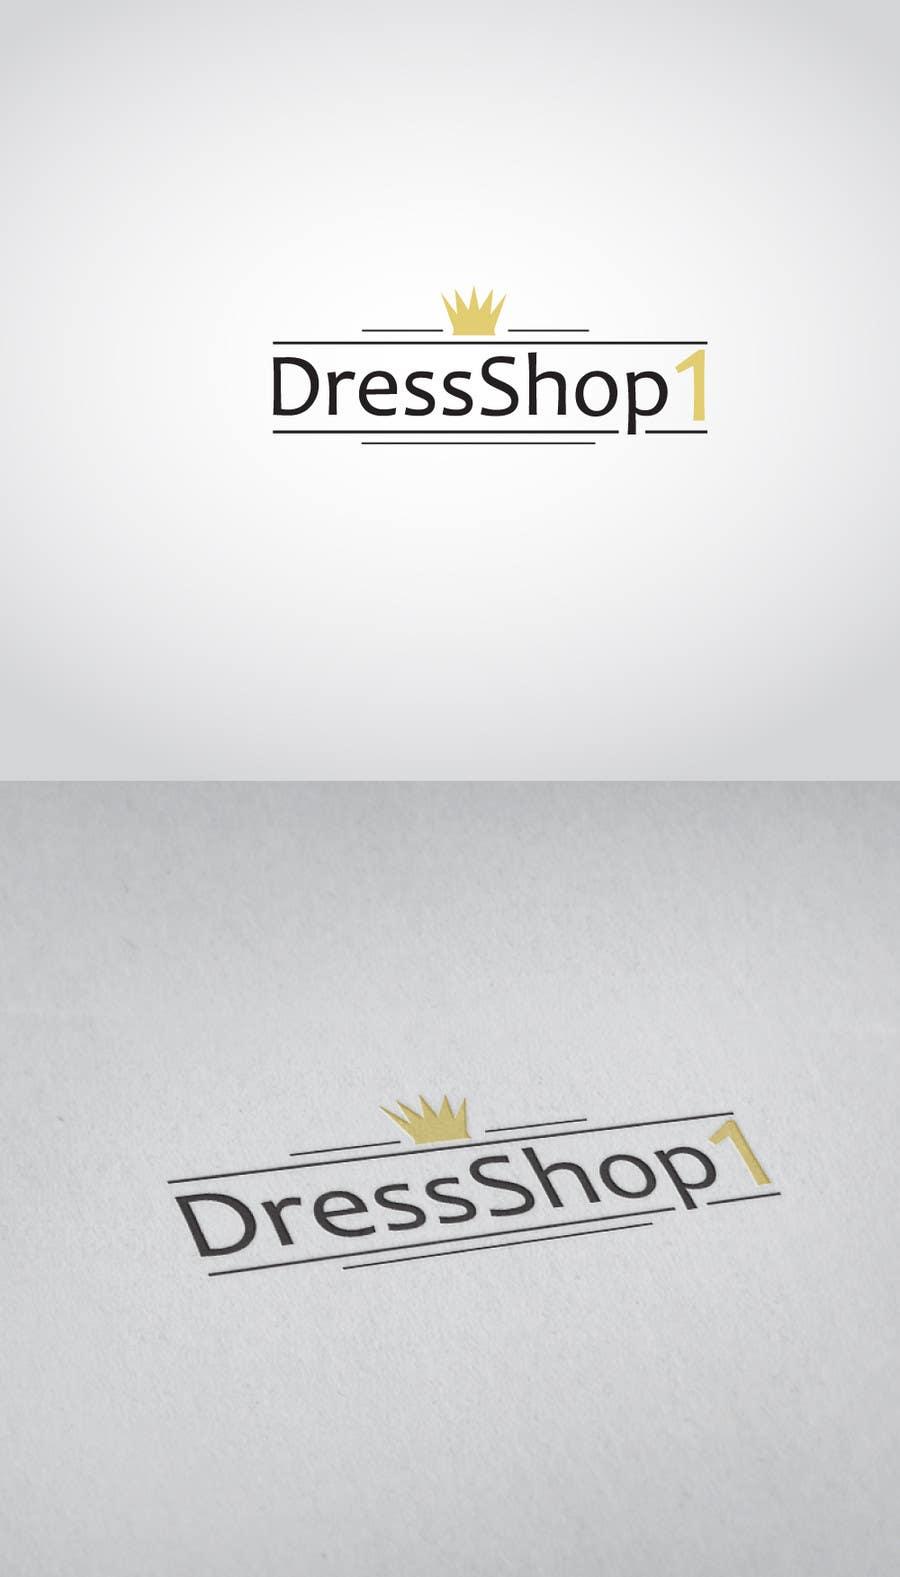 Penyertaan Peraduan #24 untuk Design a Logo for website